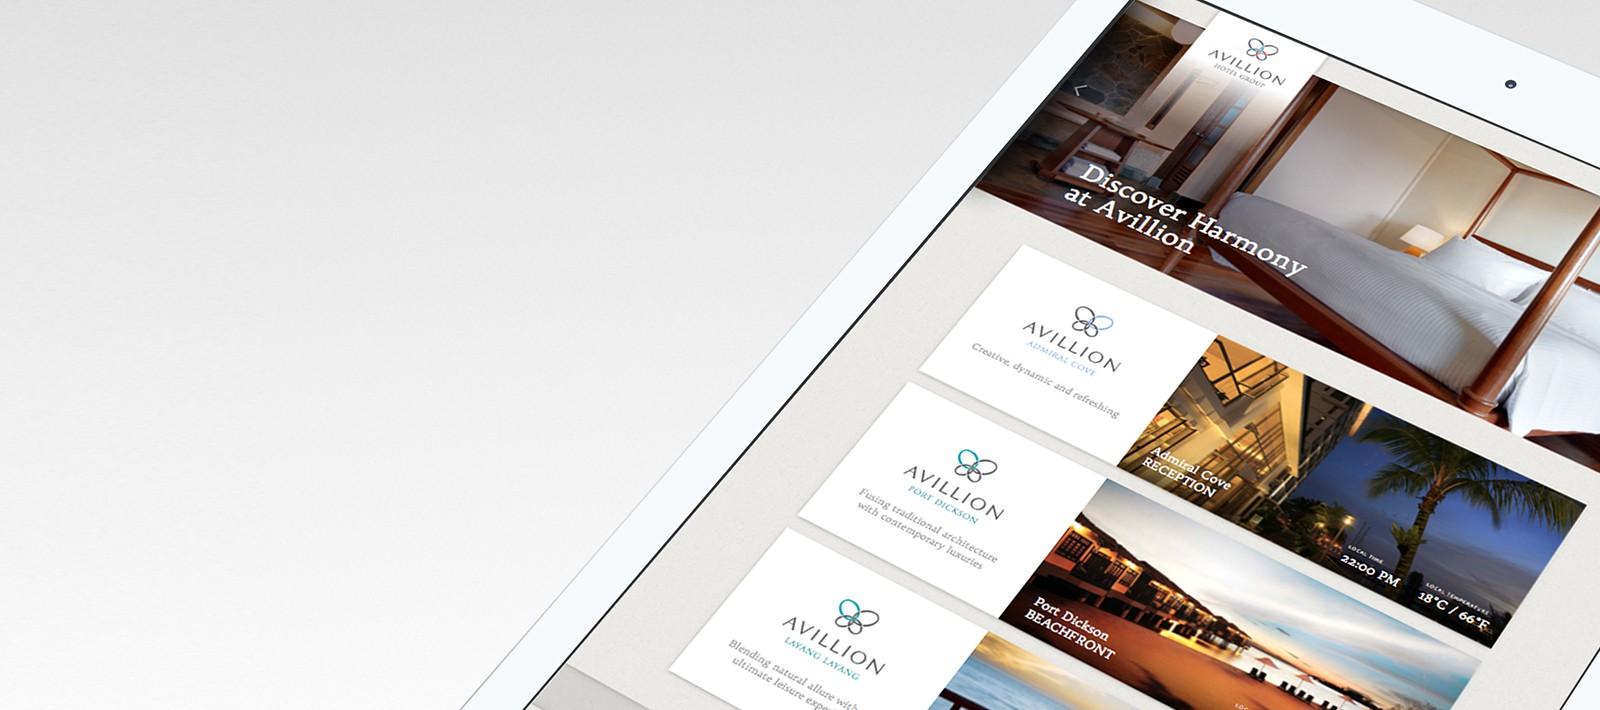 Avillion hospitality user interface design